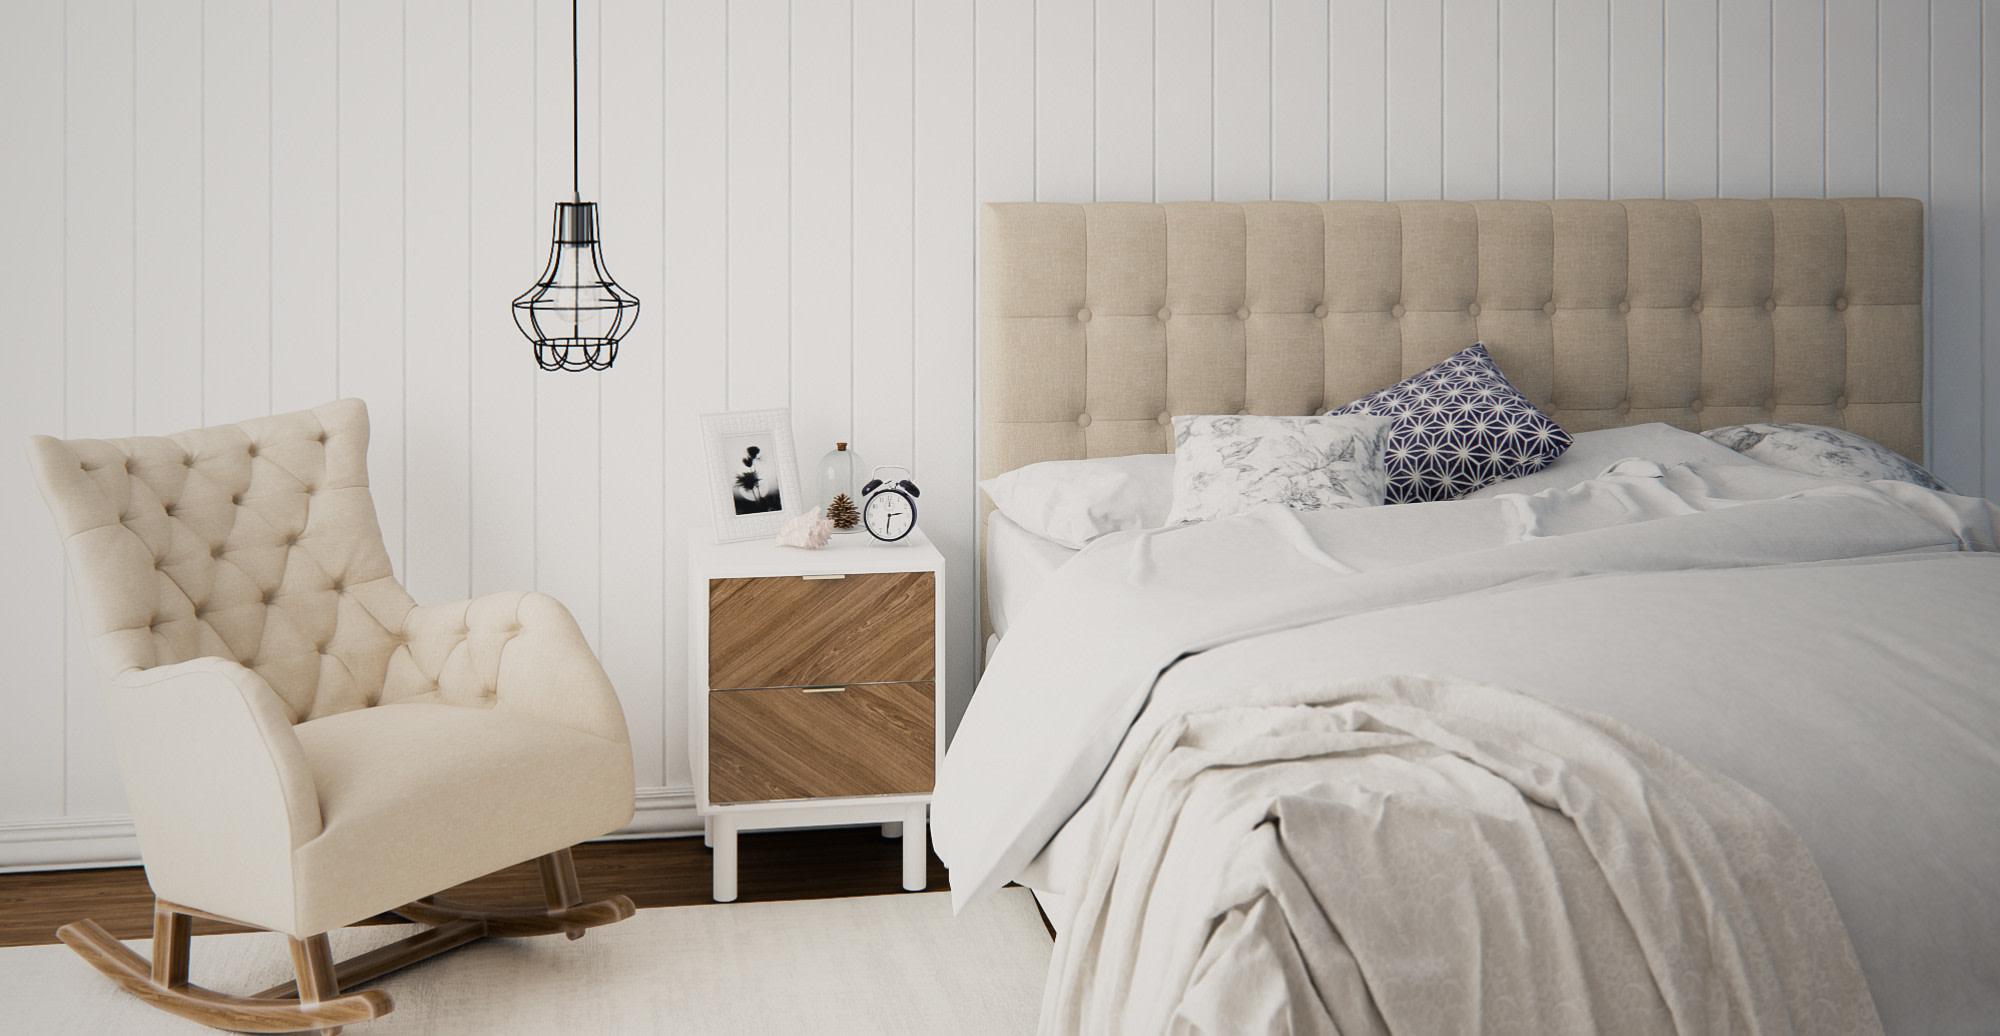 Tips to Arrange Furniture in Your Bedroom